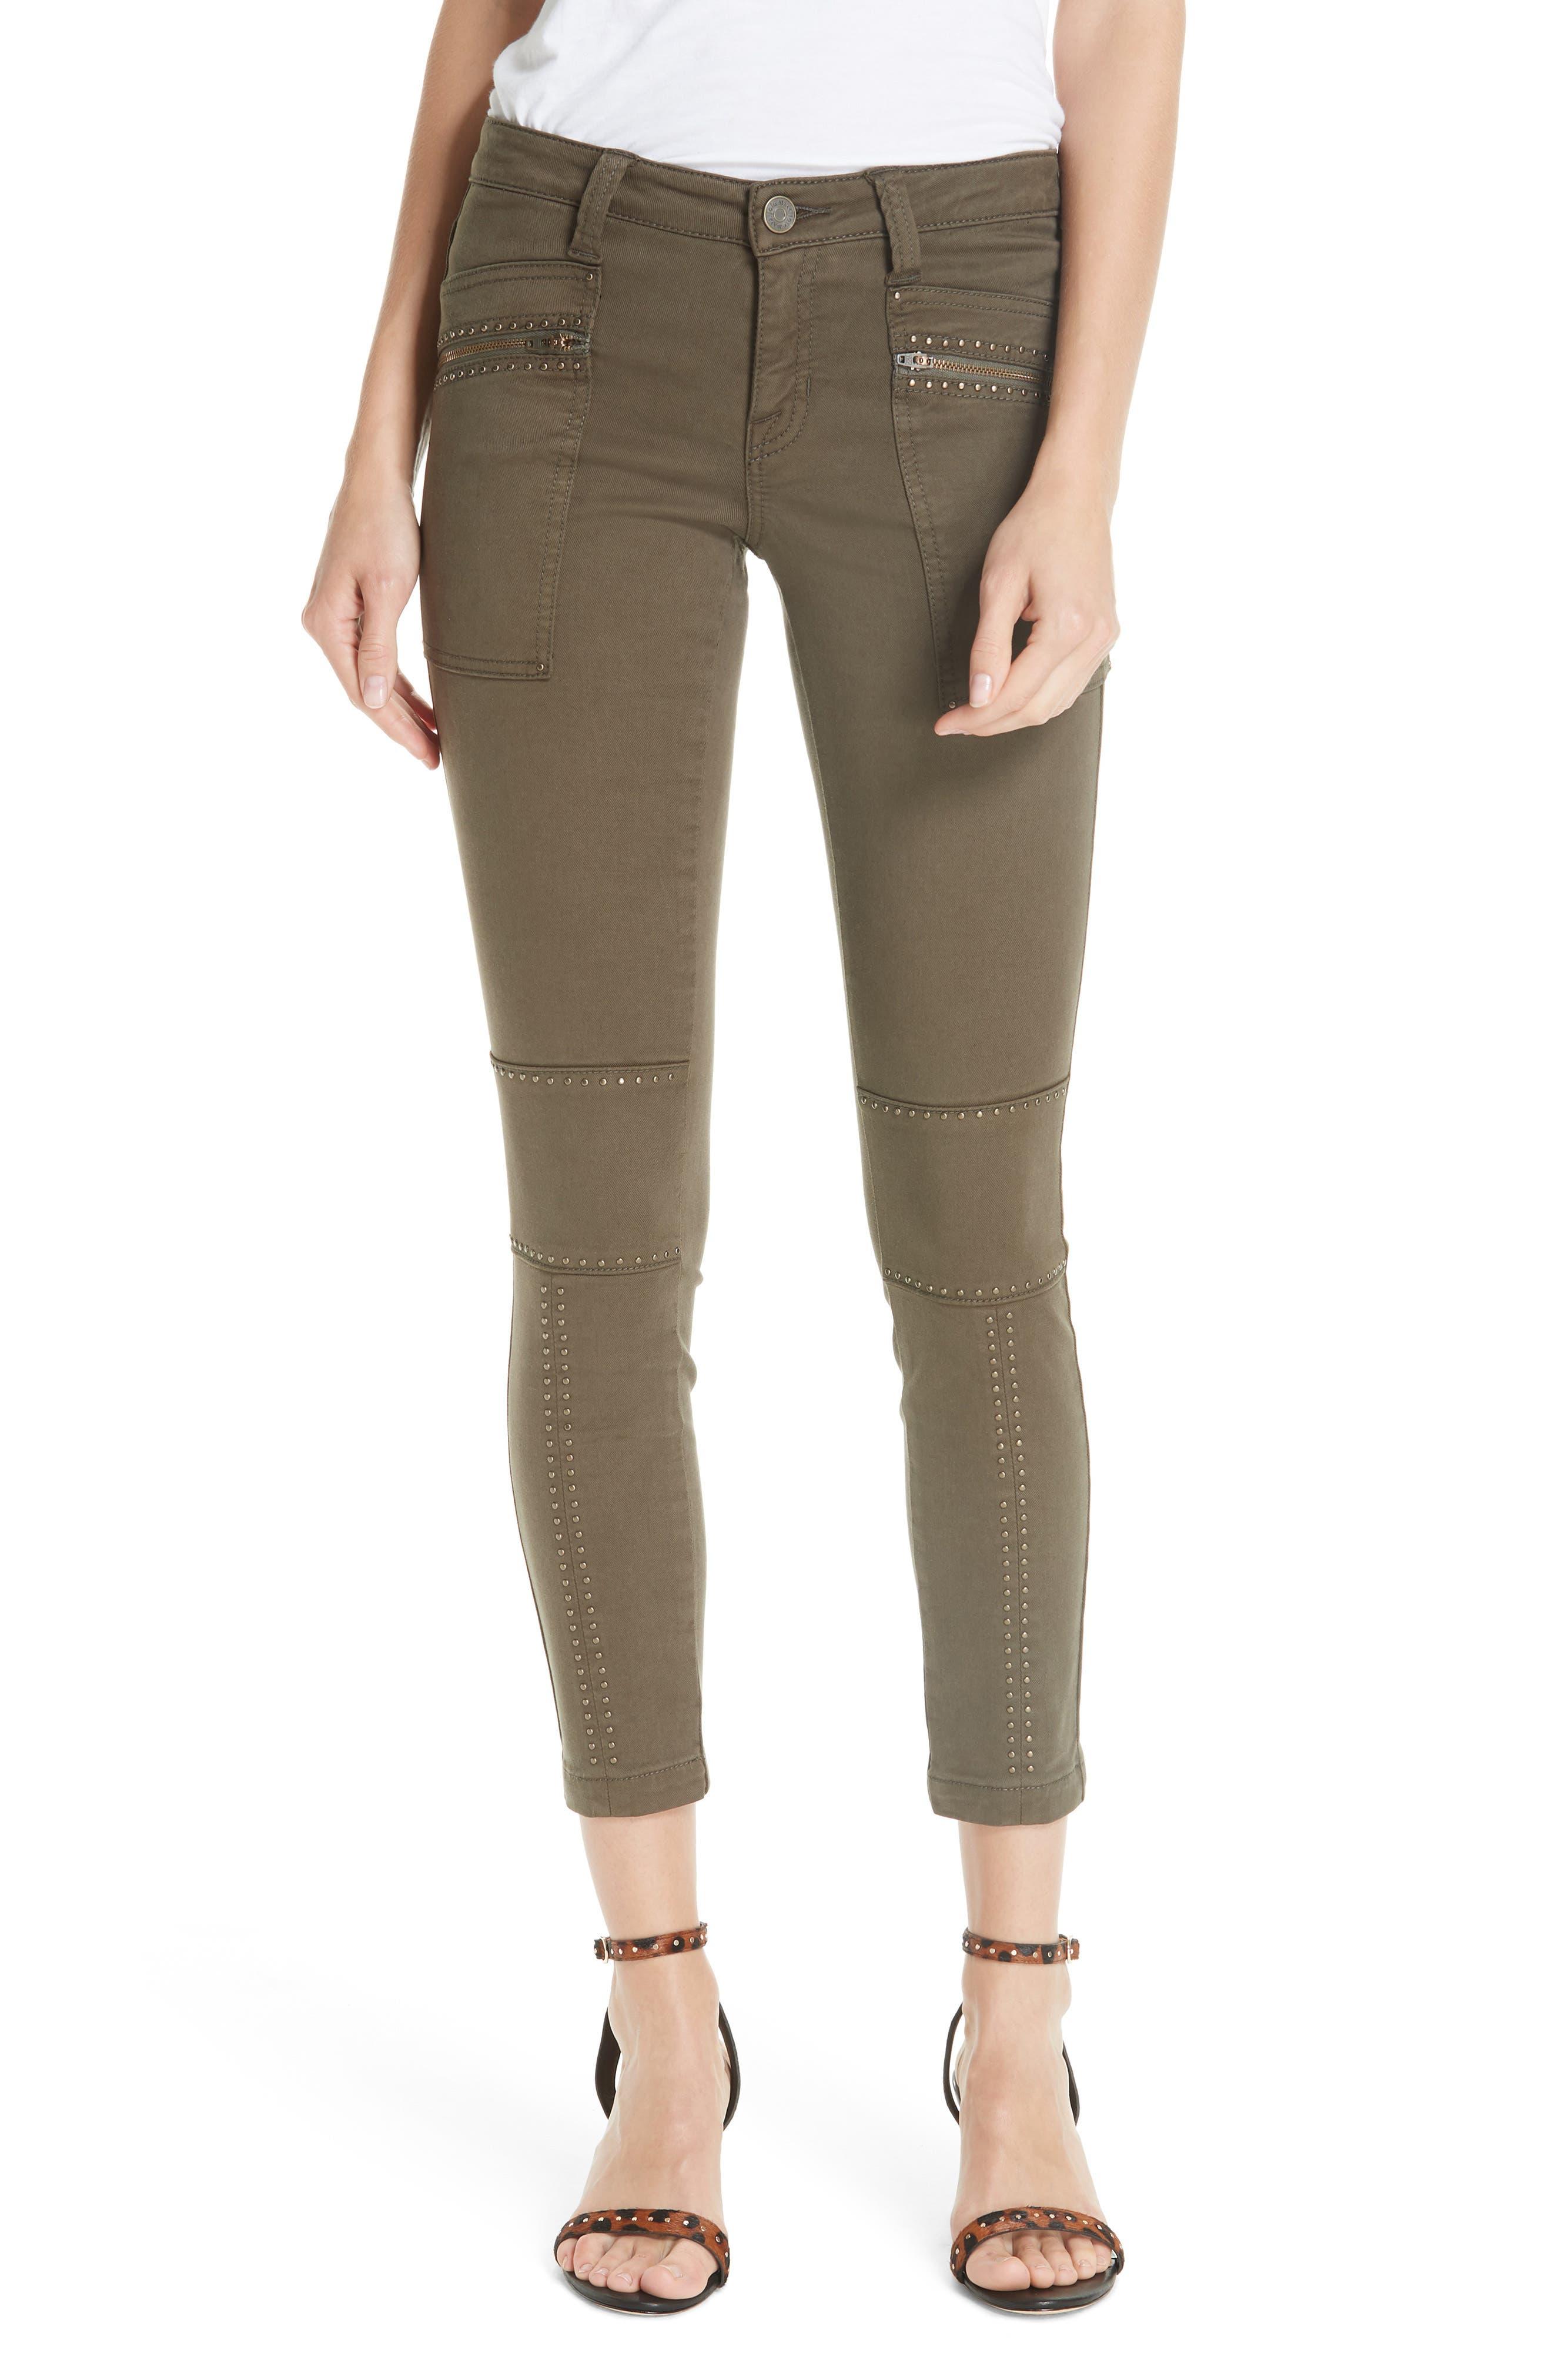 JOIE Hazina Stud Detail Pants, Main, color, 301